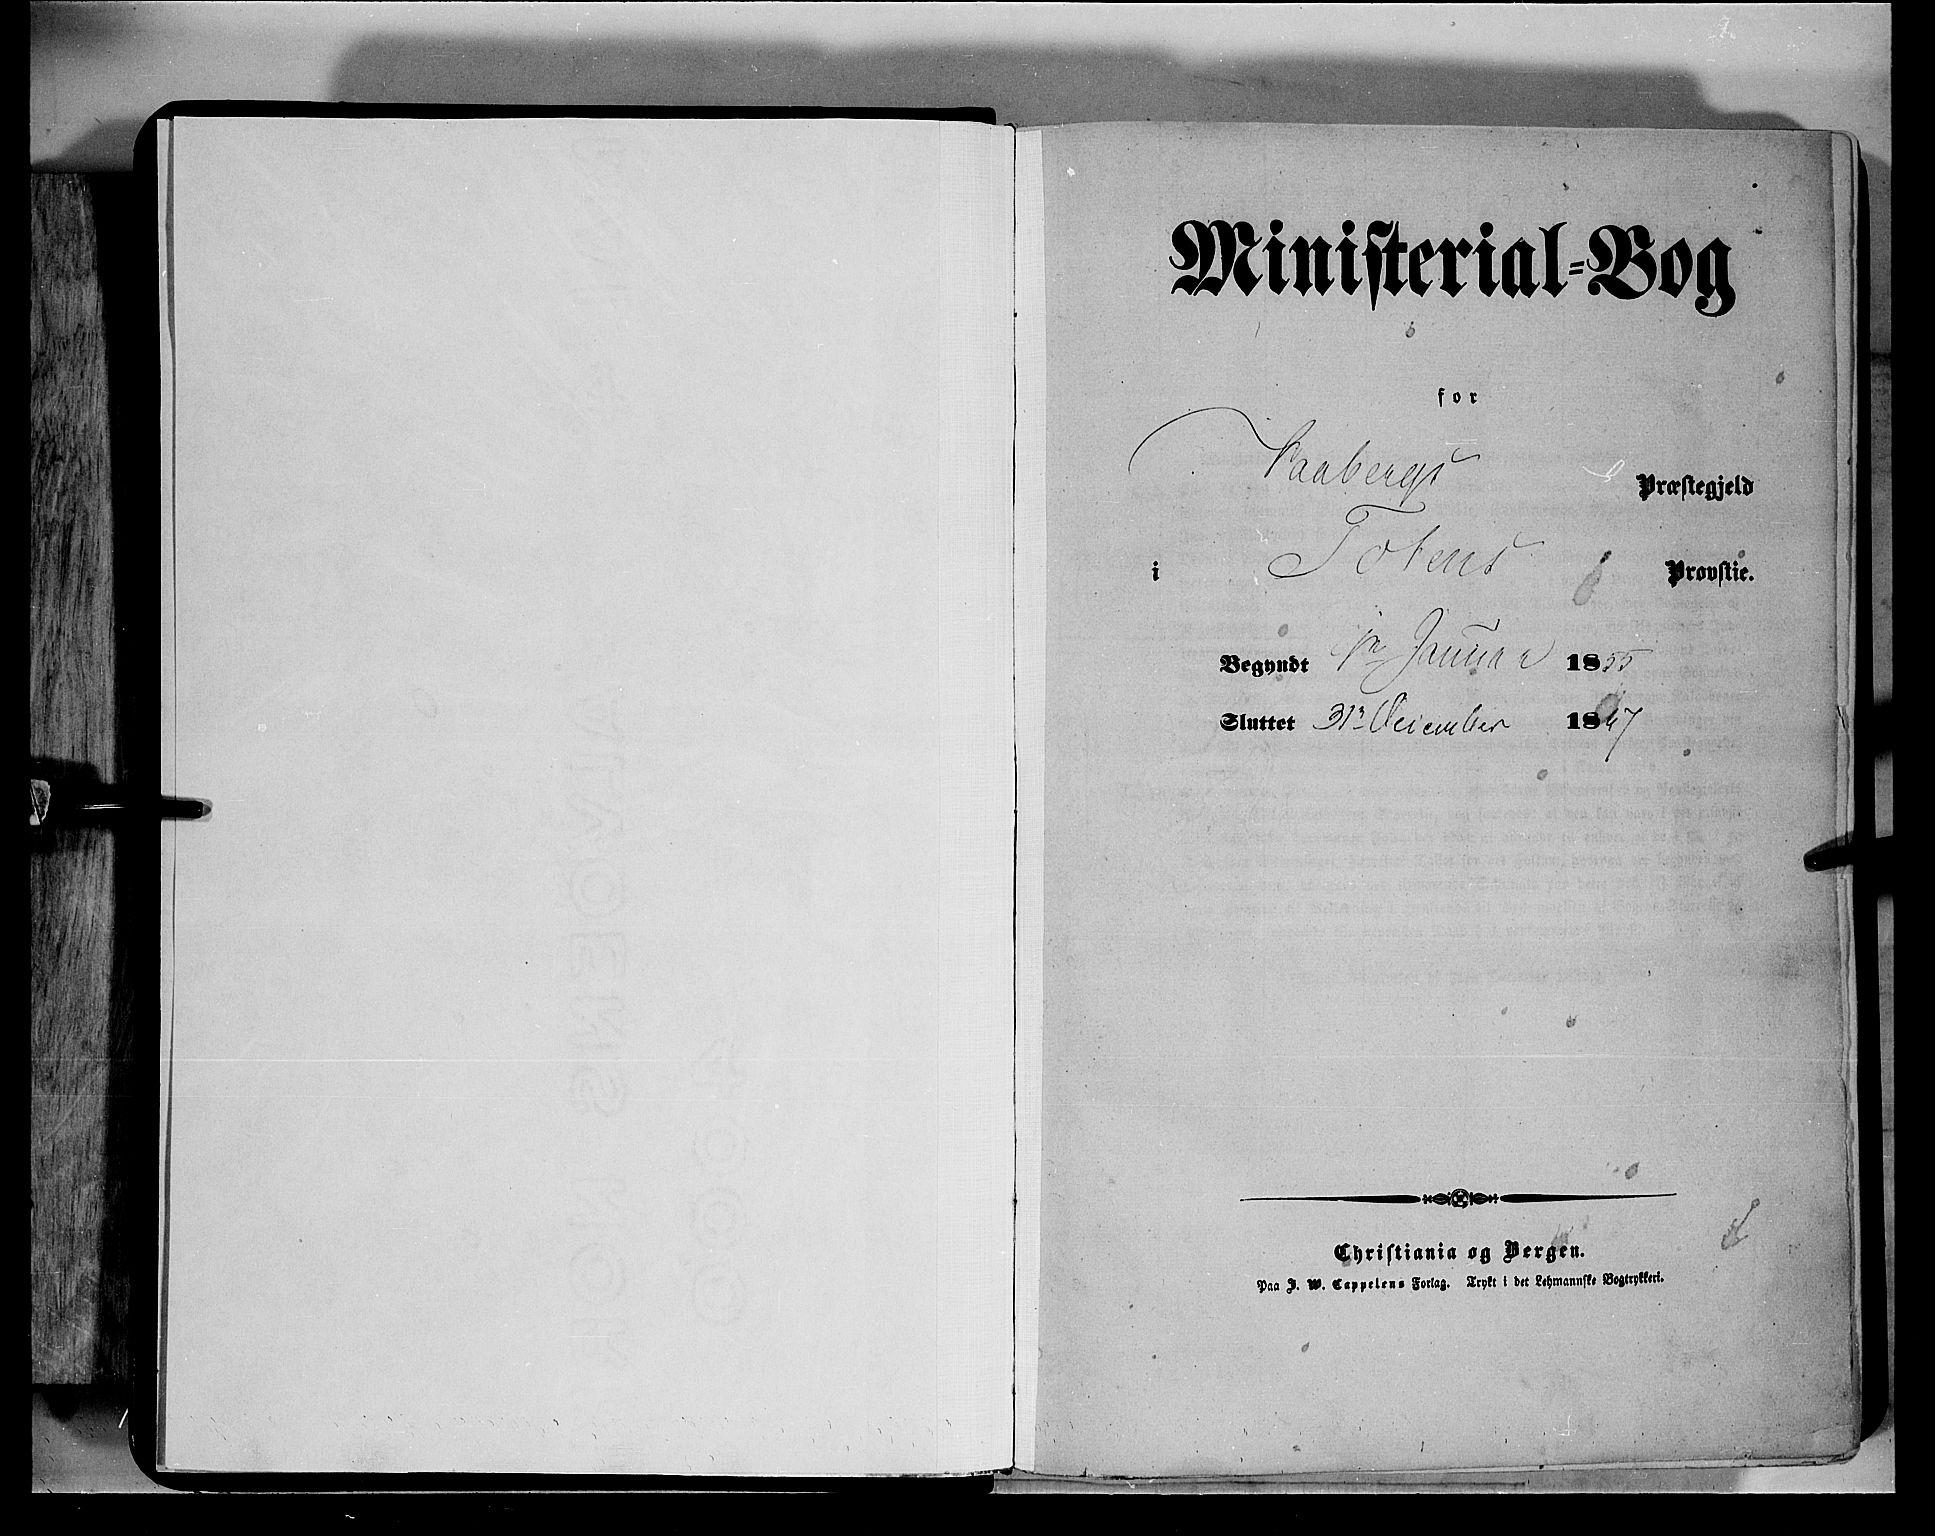 SAH, Fåberg prestekontor, Ministerialbok nr. 6A, 1855-1867